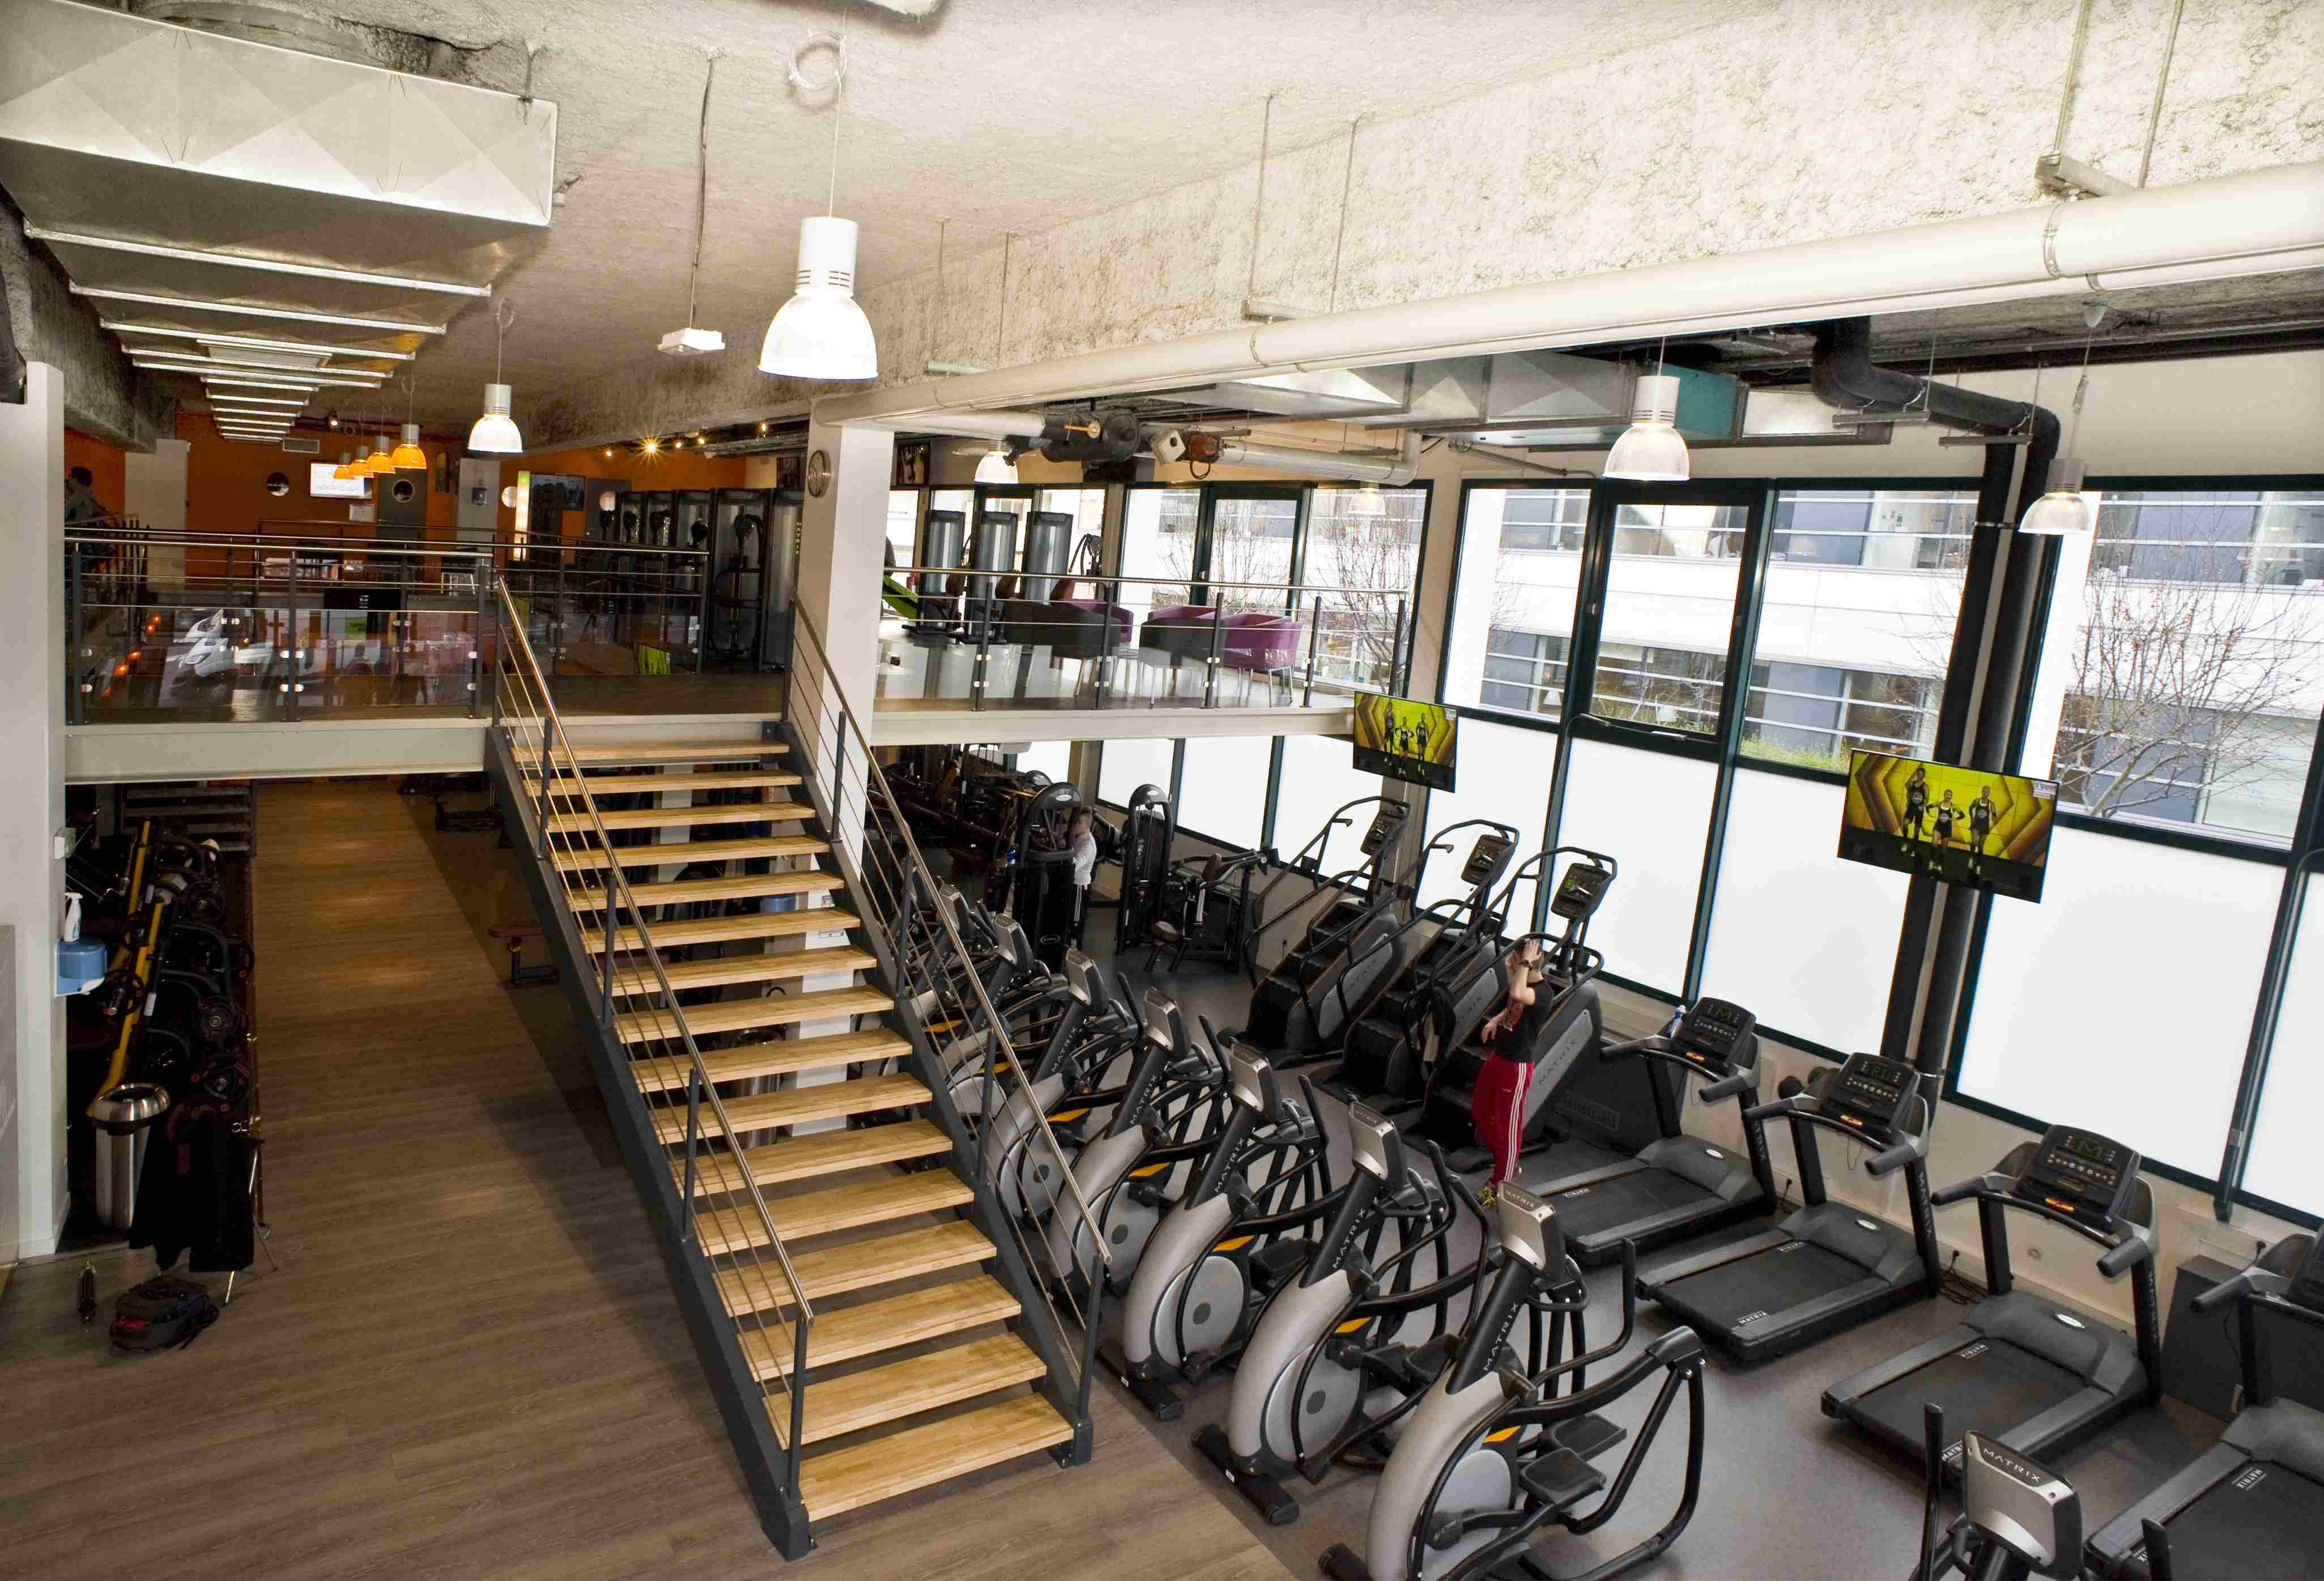 cr ation d 39 une mezzanine erp de 550 m2 dans salle de sport cometac. Black Bedroom Furniture Sets. Home Design Ideas